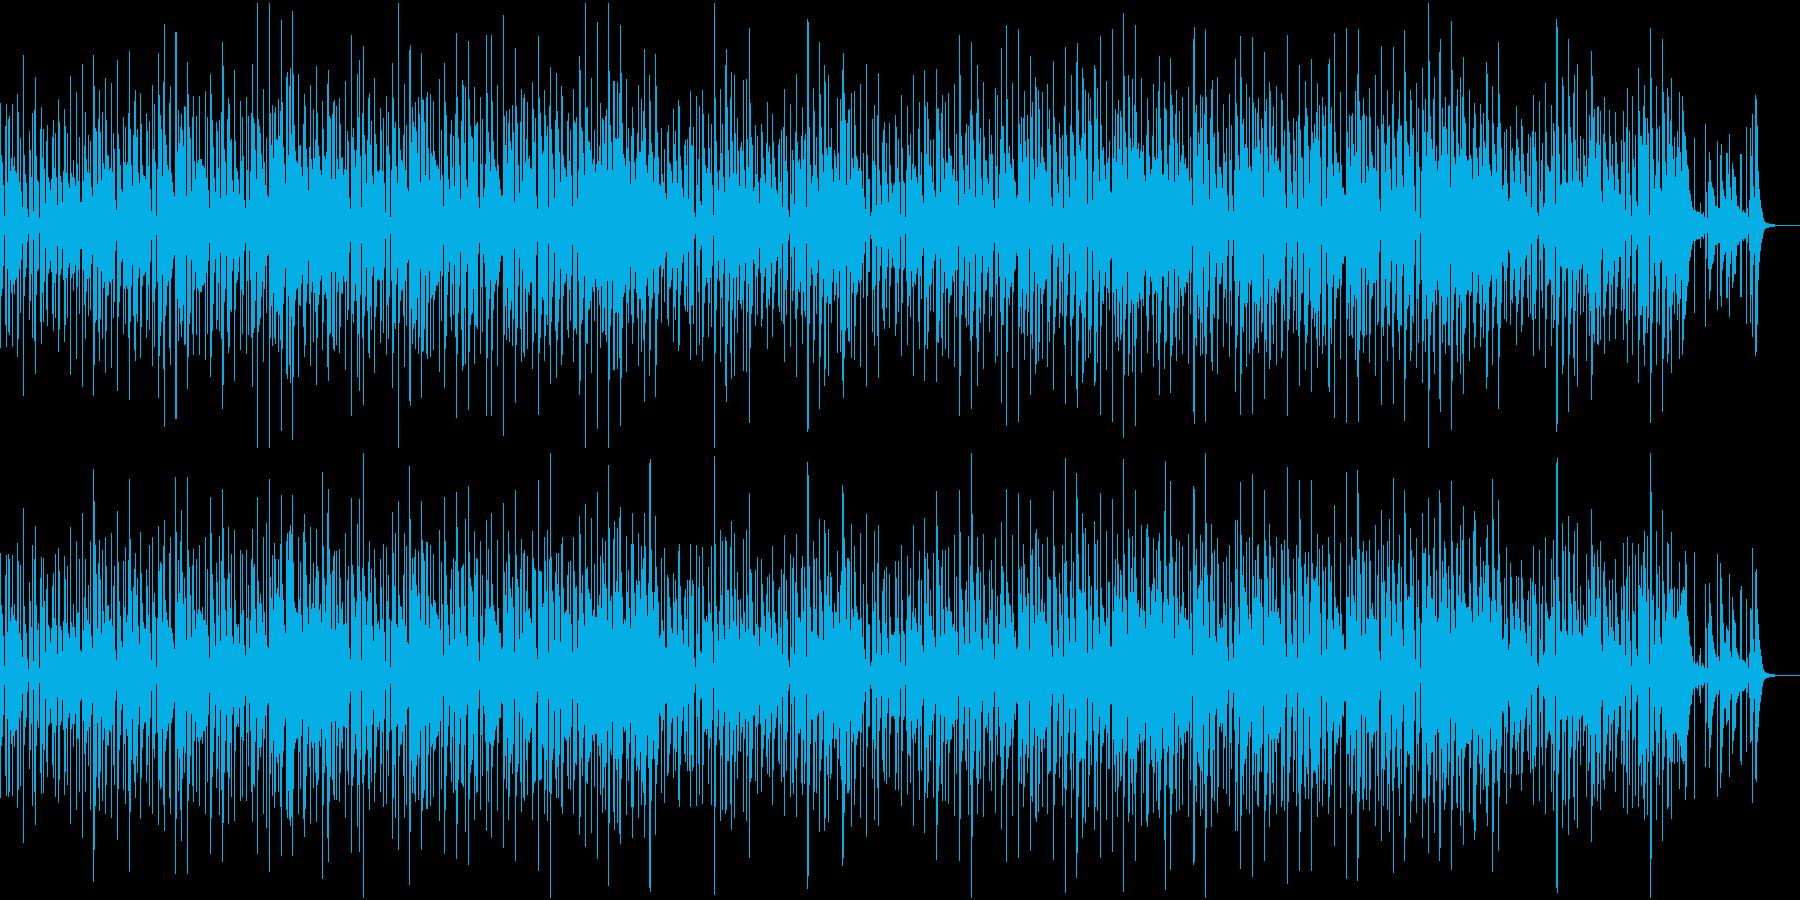 シンプルで落ち着いた雰囲気のジャズの再生済みの波形